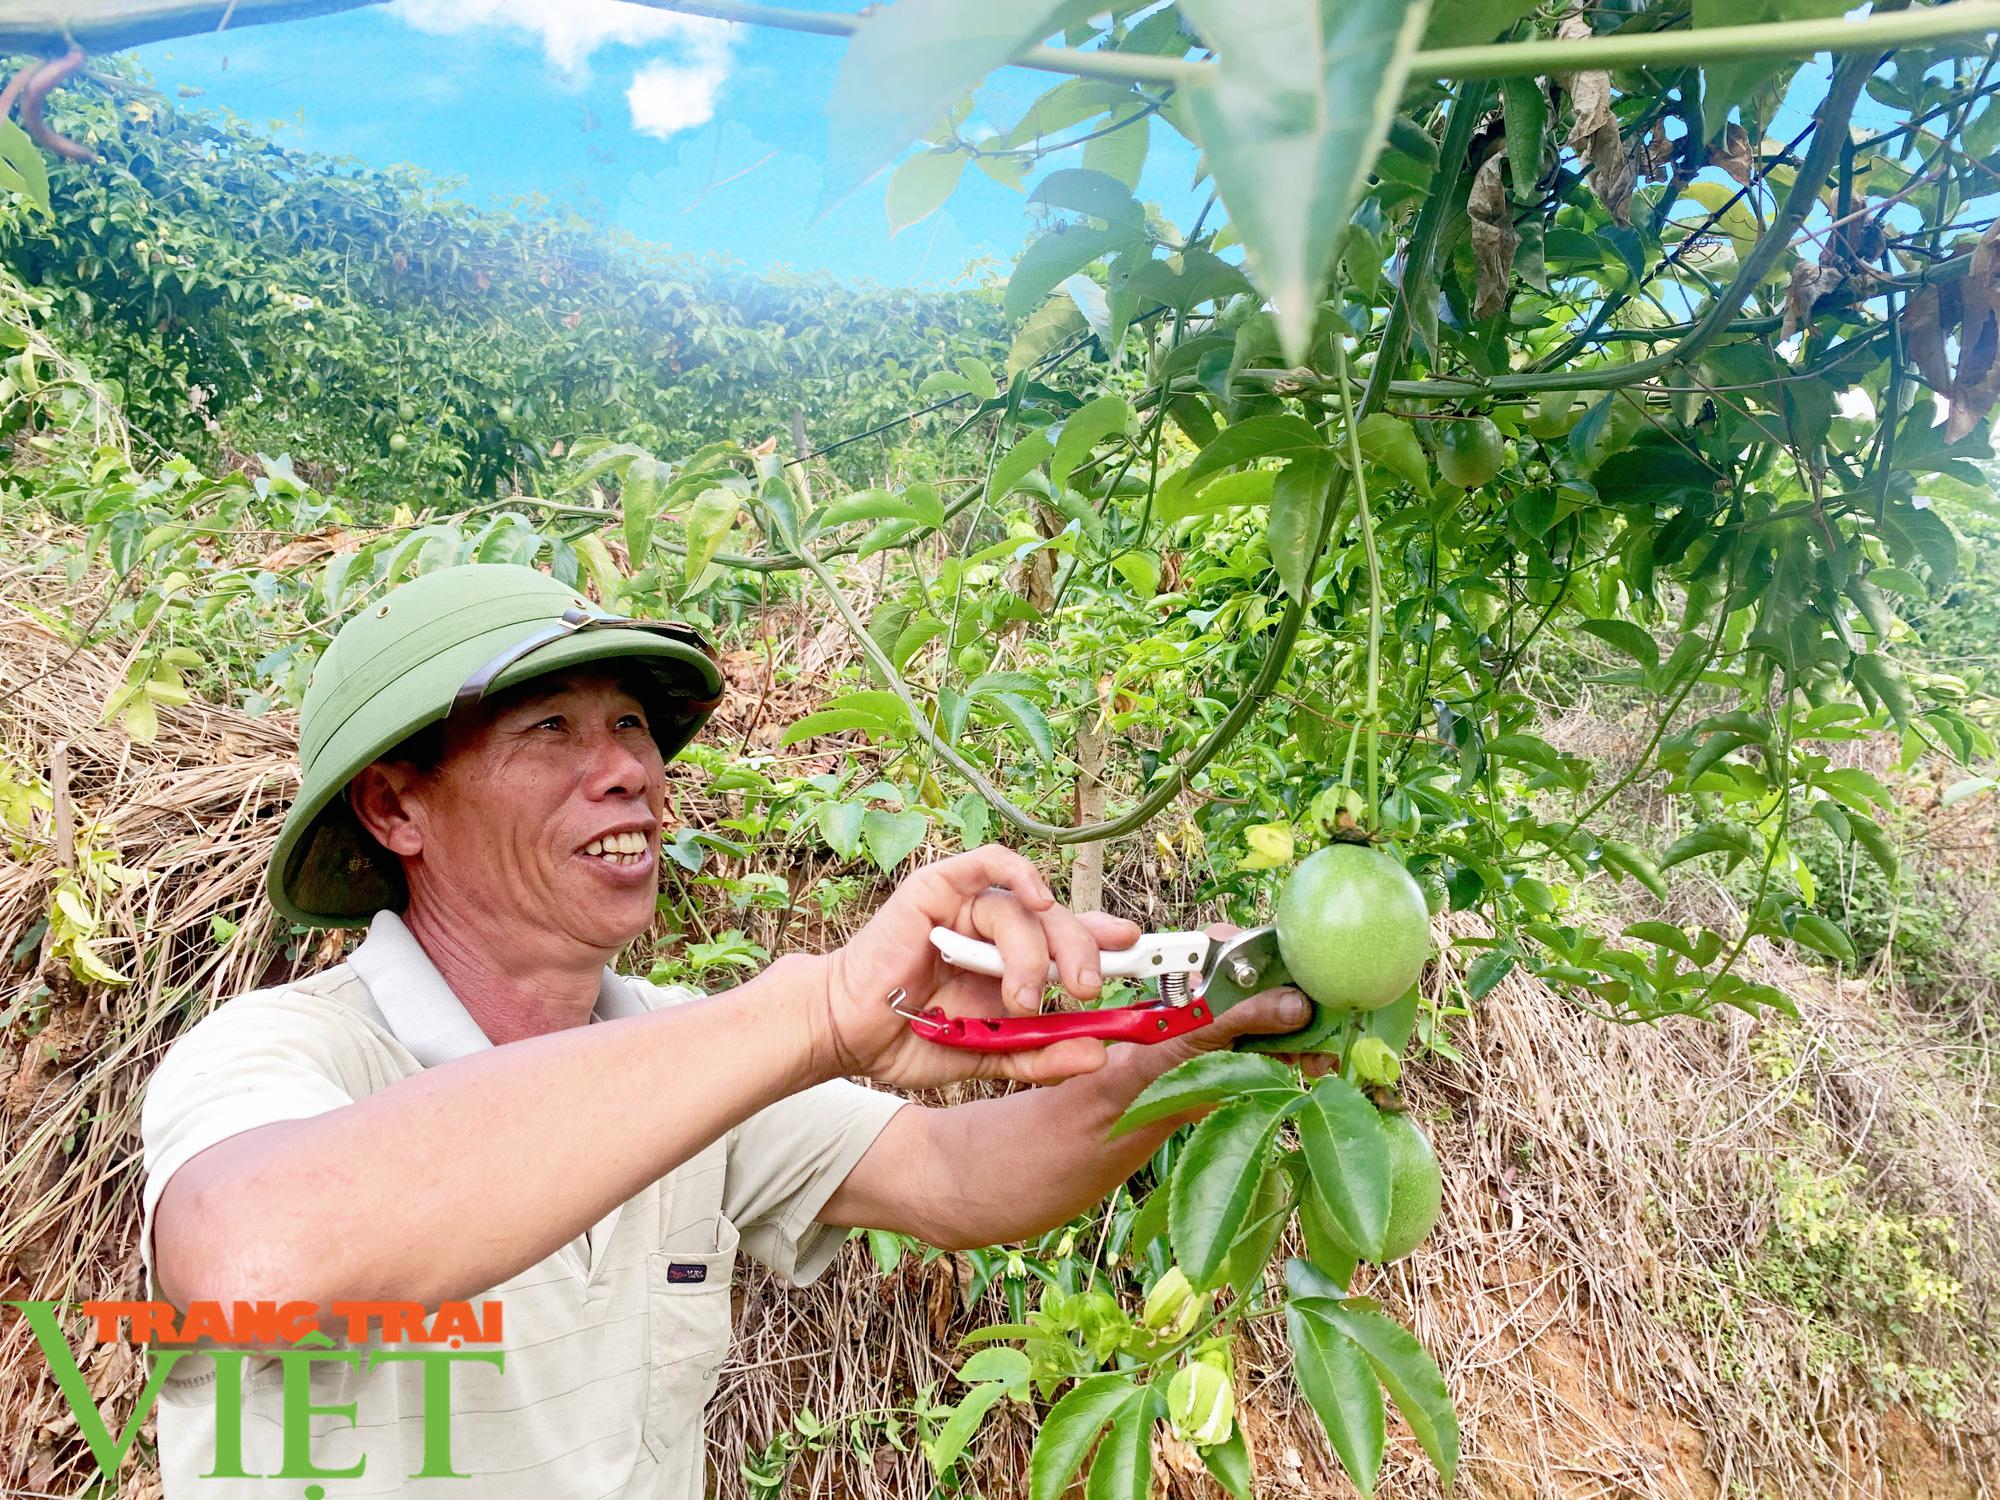 Trồng chanh dây hữu cơ, một nông dân thu nhập khá  - Ảnh 1.